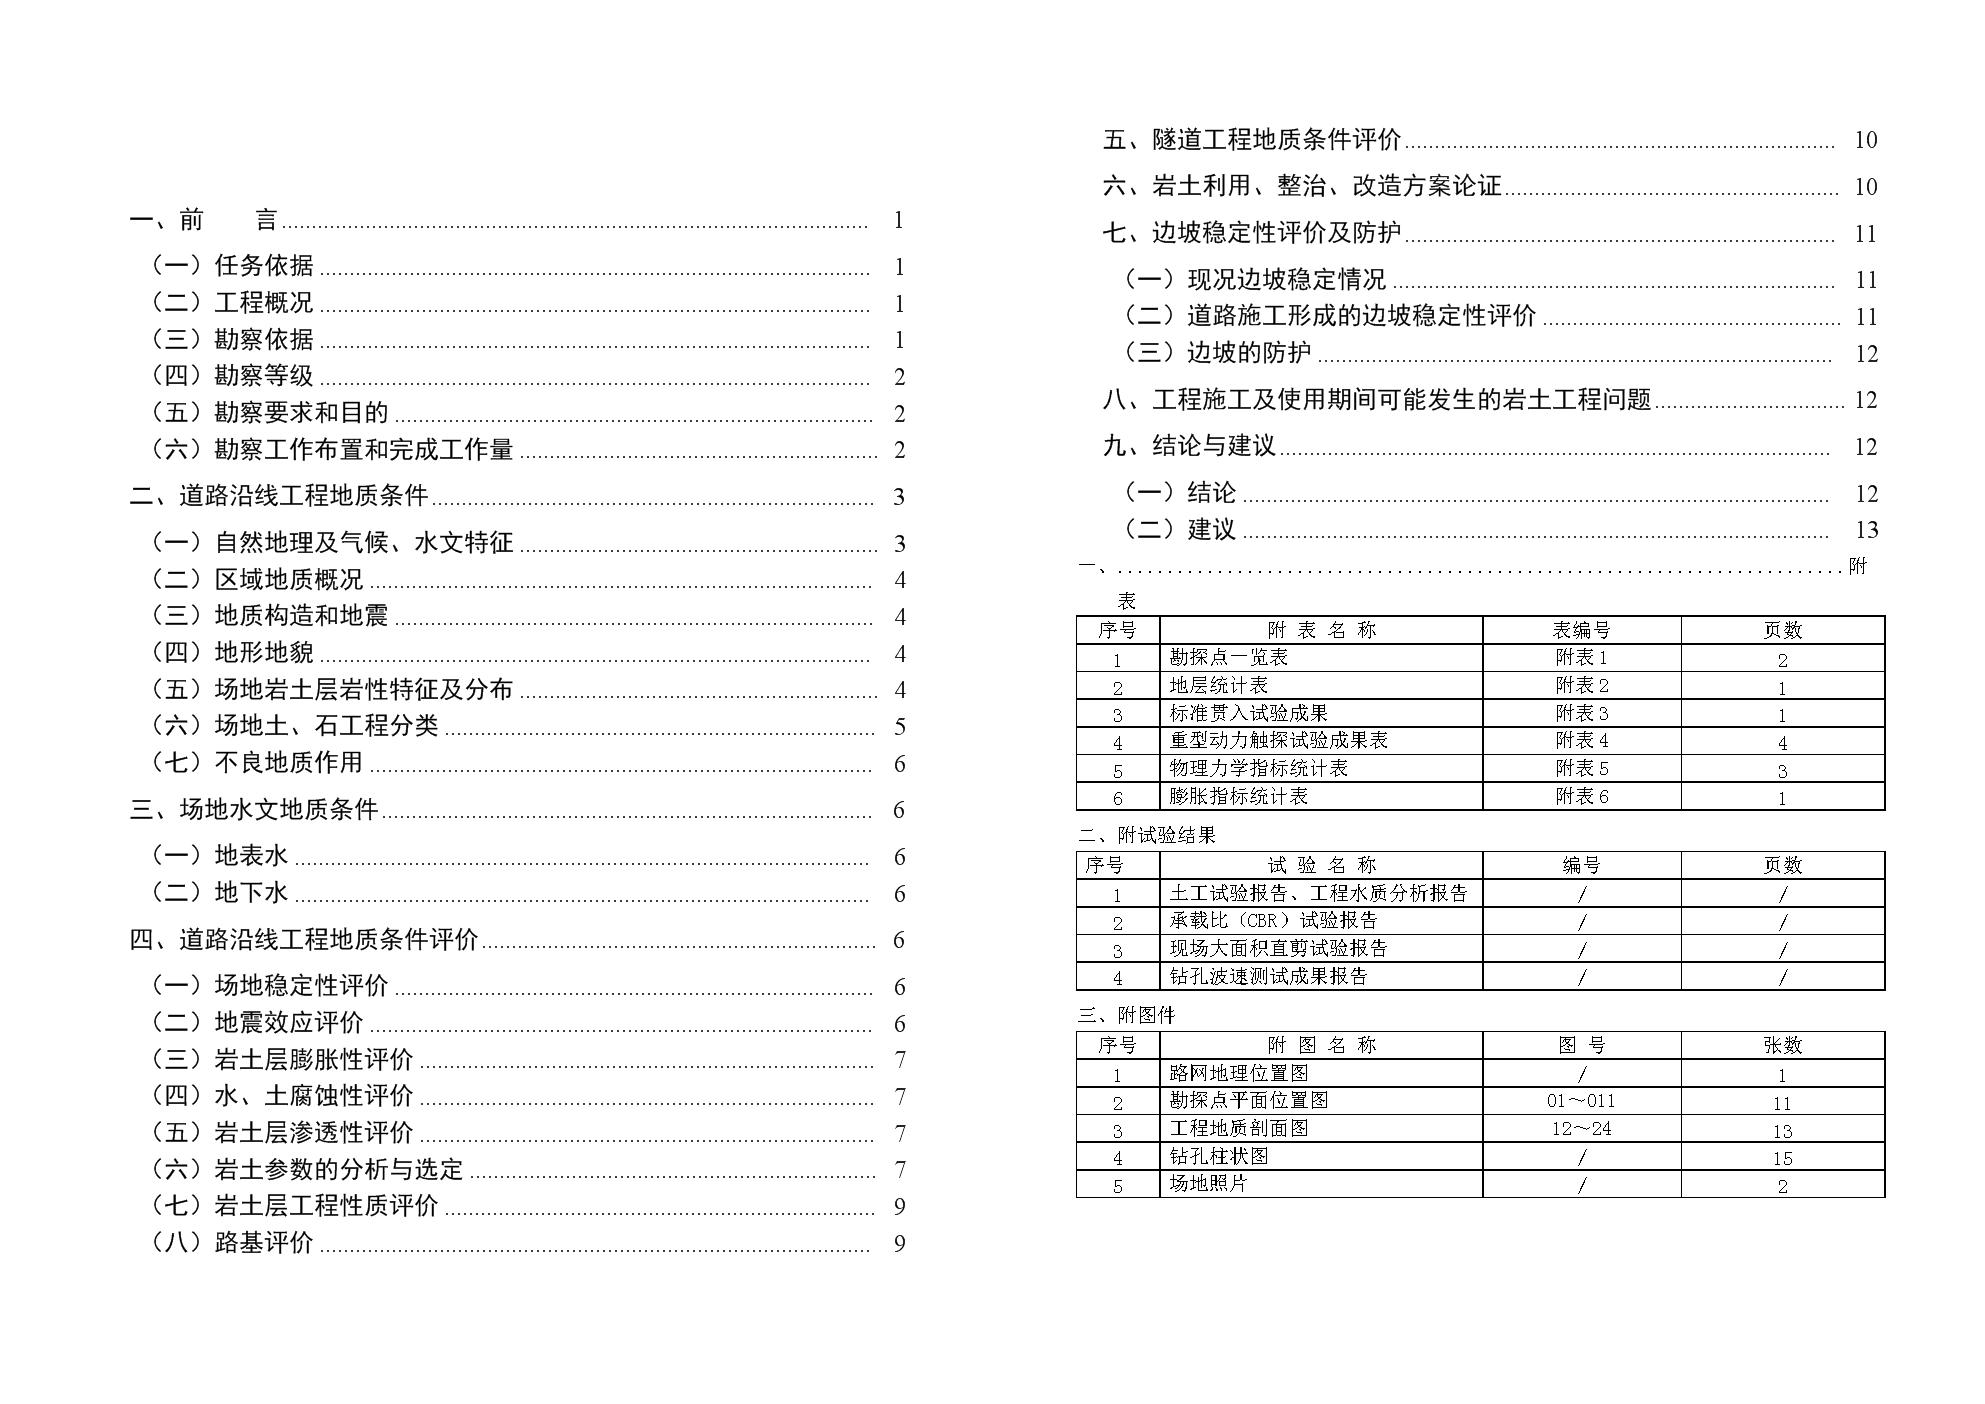 路网二期勘察报告.doc